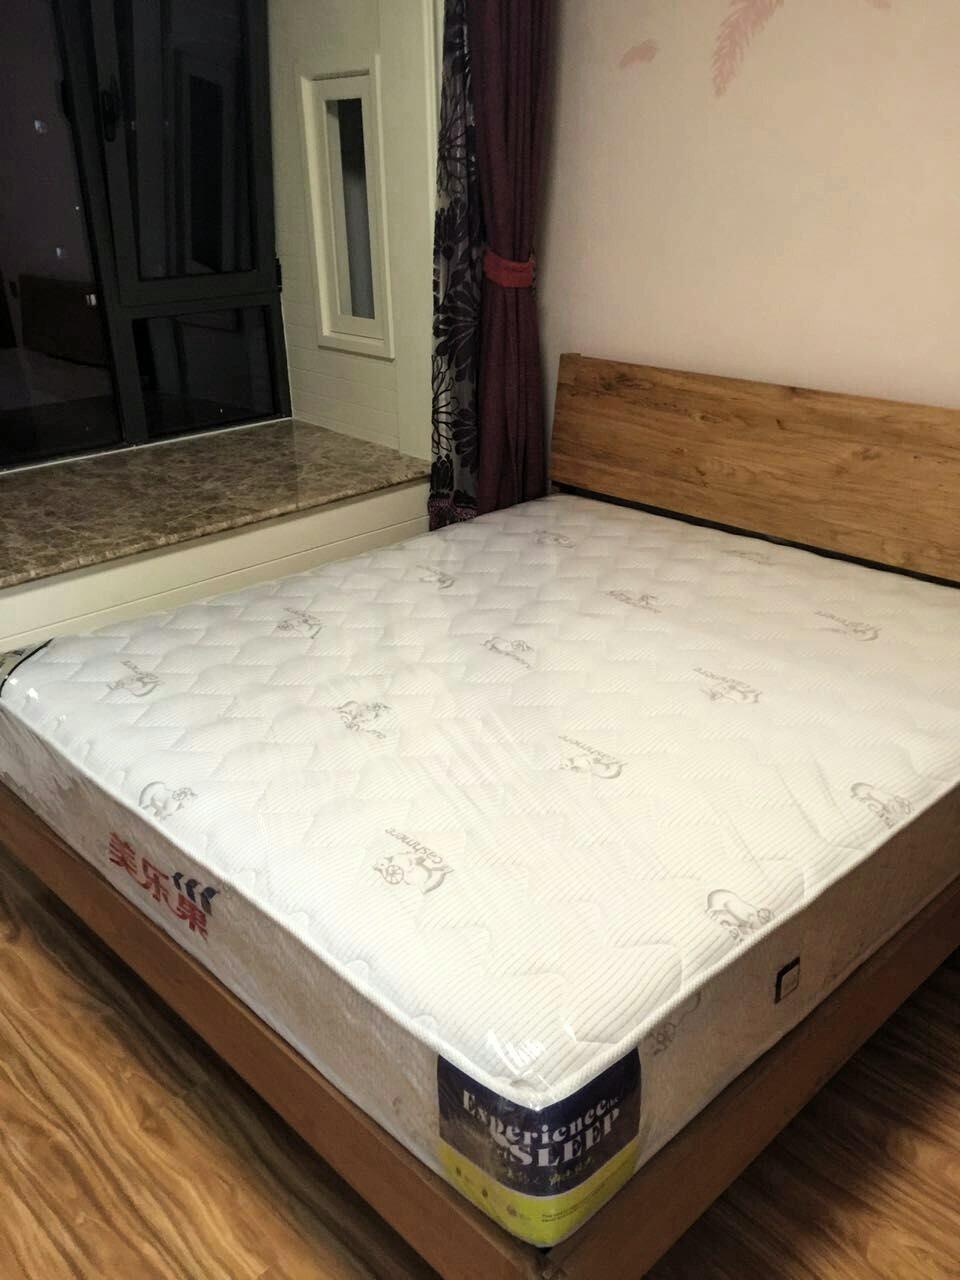 晒一下第一次在淘宝购物【床垫】的图片